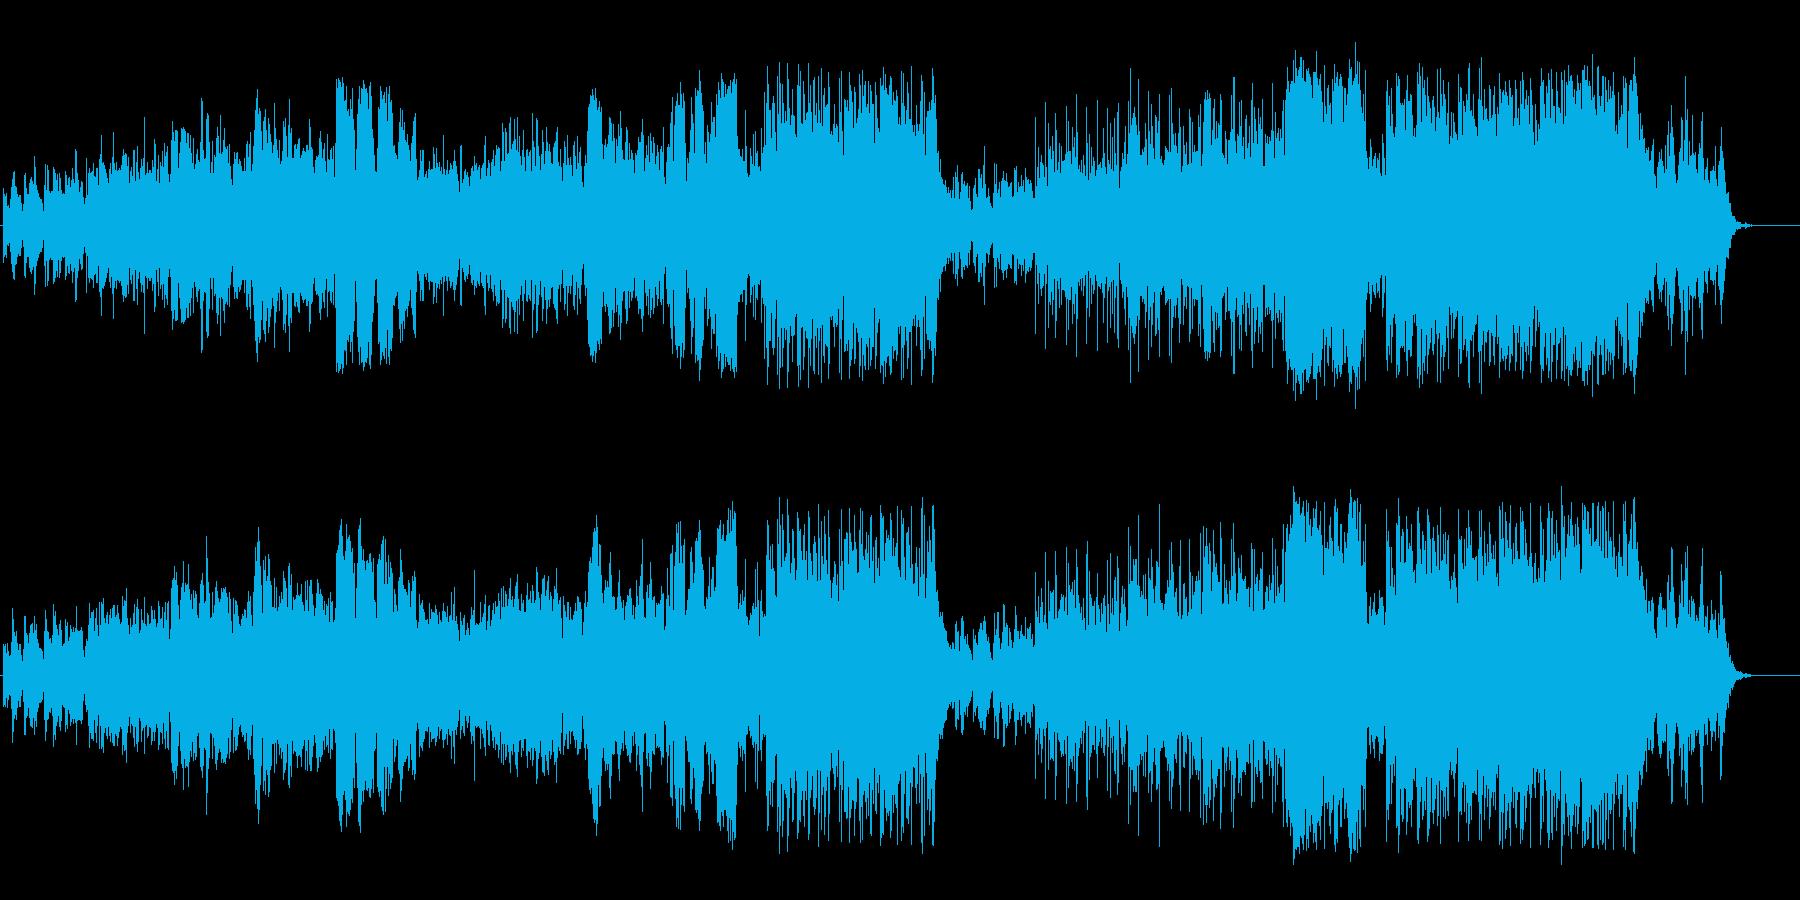 不思議な力を感じる幻想的なワールド音楽の再生済みの波形